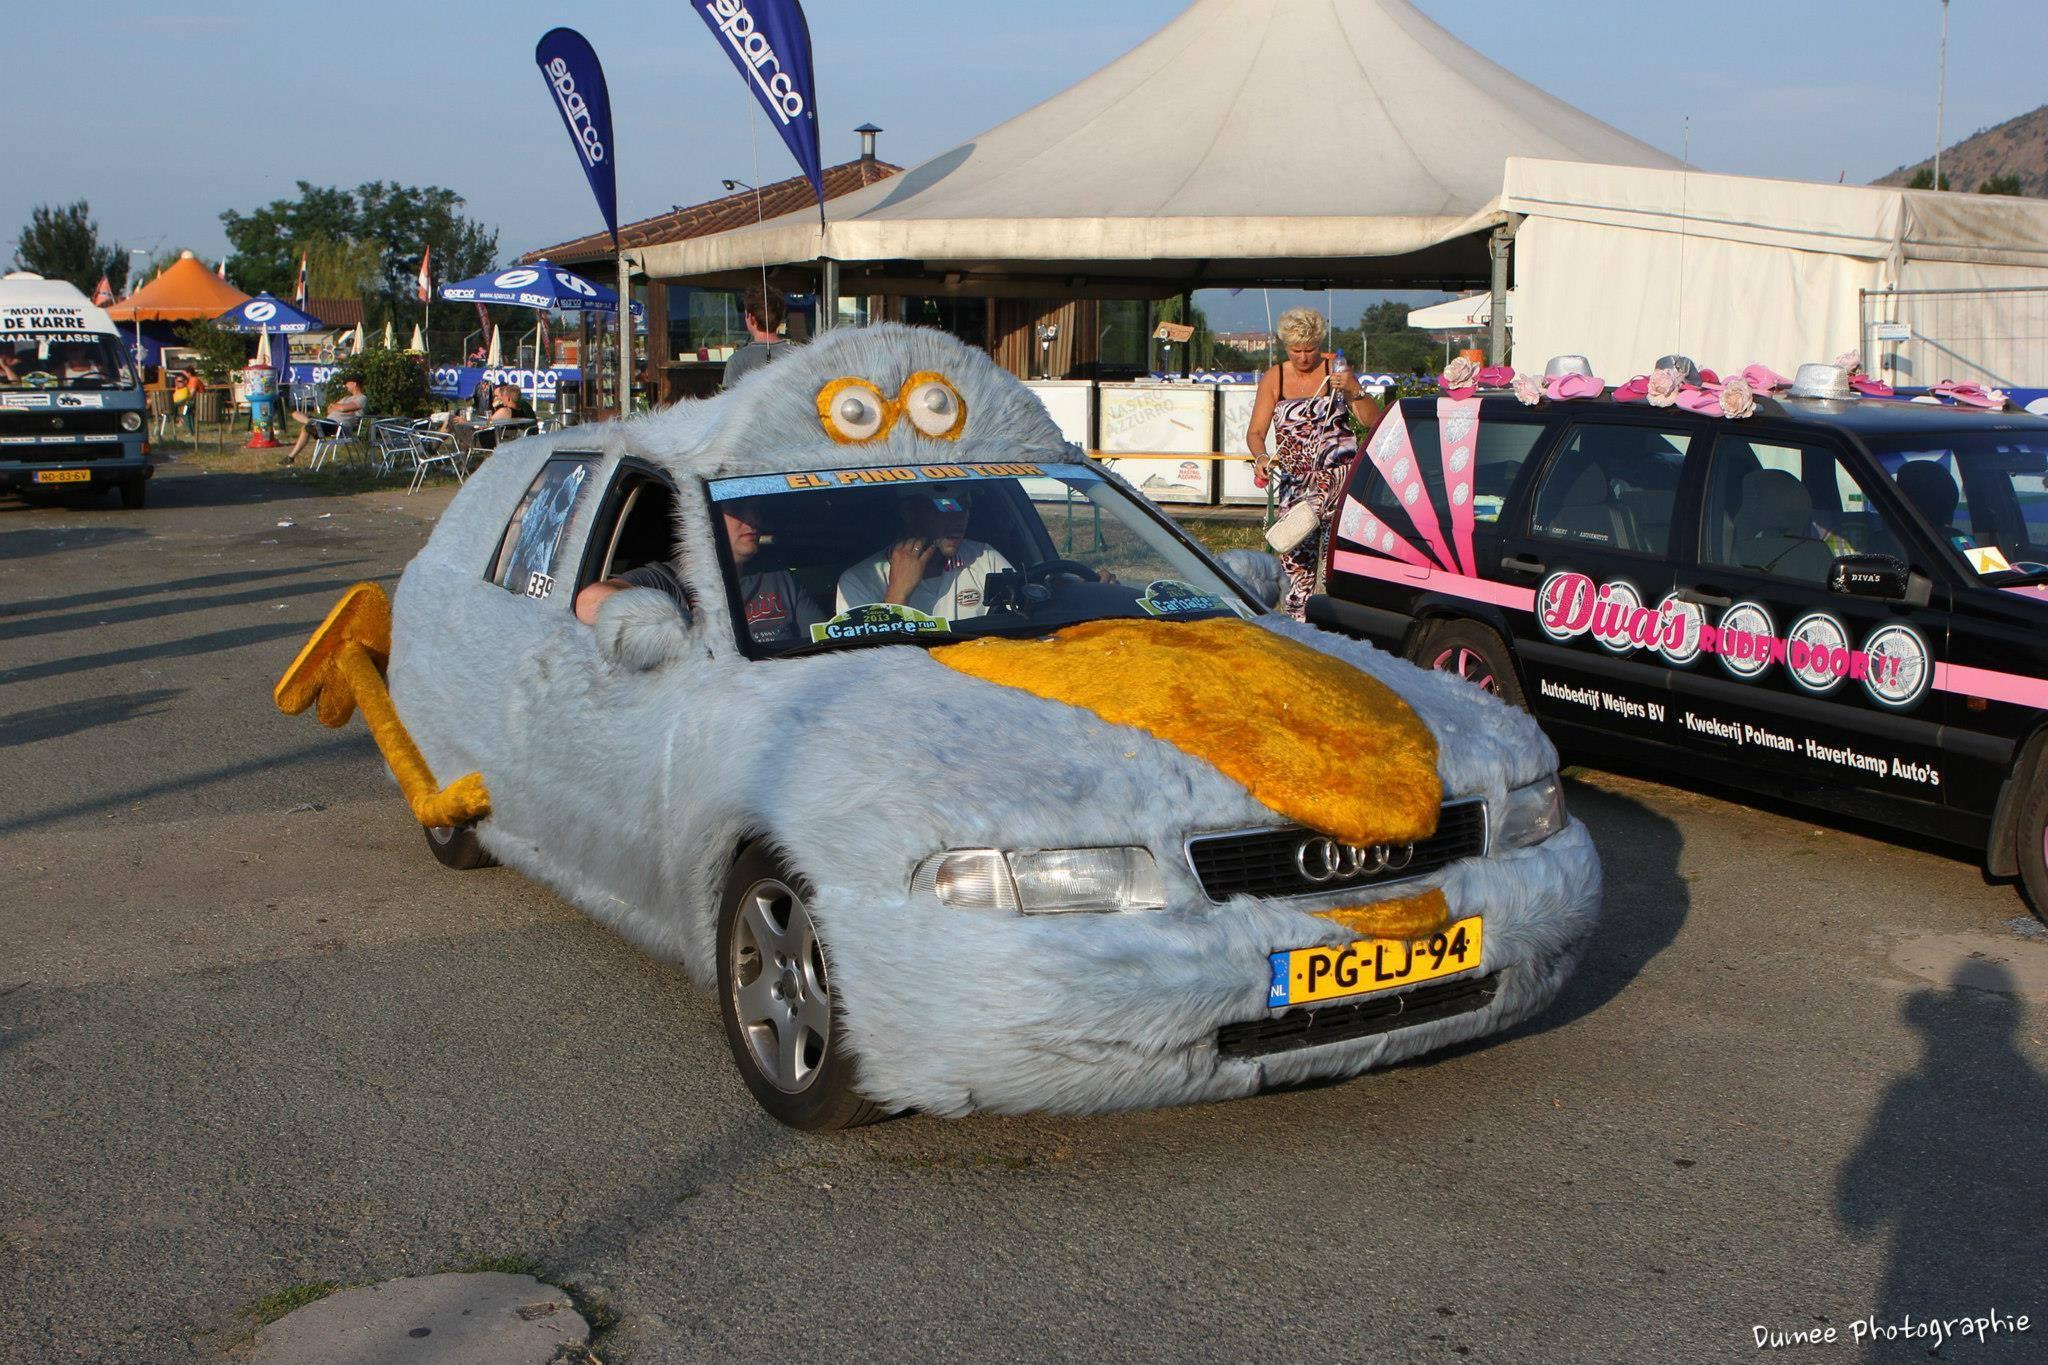 """Hoy llega a Arinsal el """"rally"""" más divertido del mundo; el Carvage Run o como hacer unos miles de kilómetros con un coche tuneado y de un valor máximo de 500€Hoy llega a Arinsal el """"rally"""" más divertido del mundo; el Carvage Run o como hacer unos miles de kilómetros con un coche tuneado y de un valor máximo de 500€"""